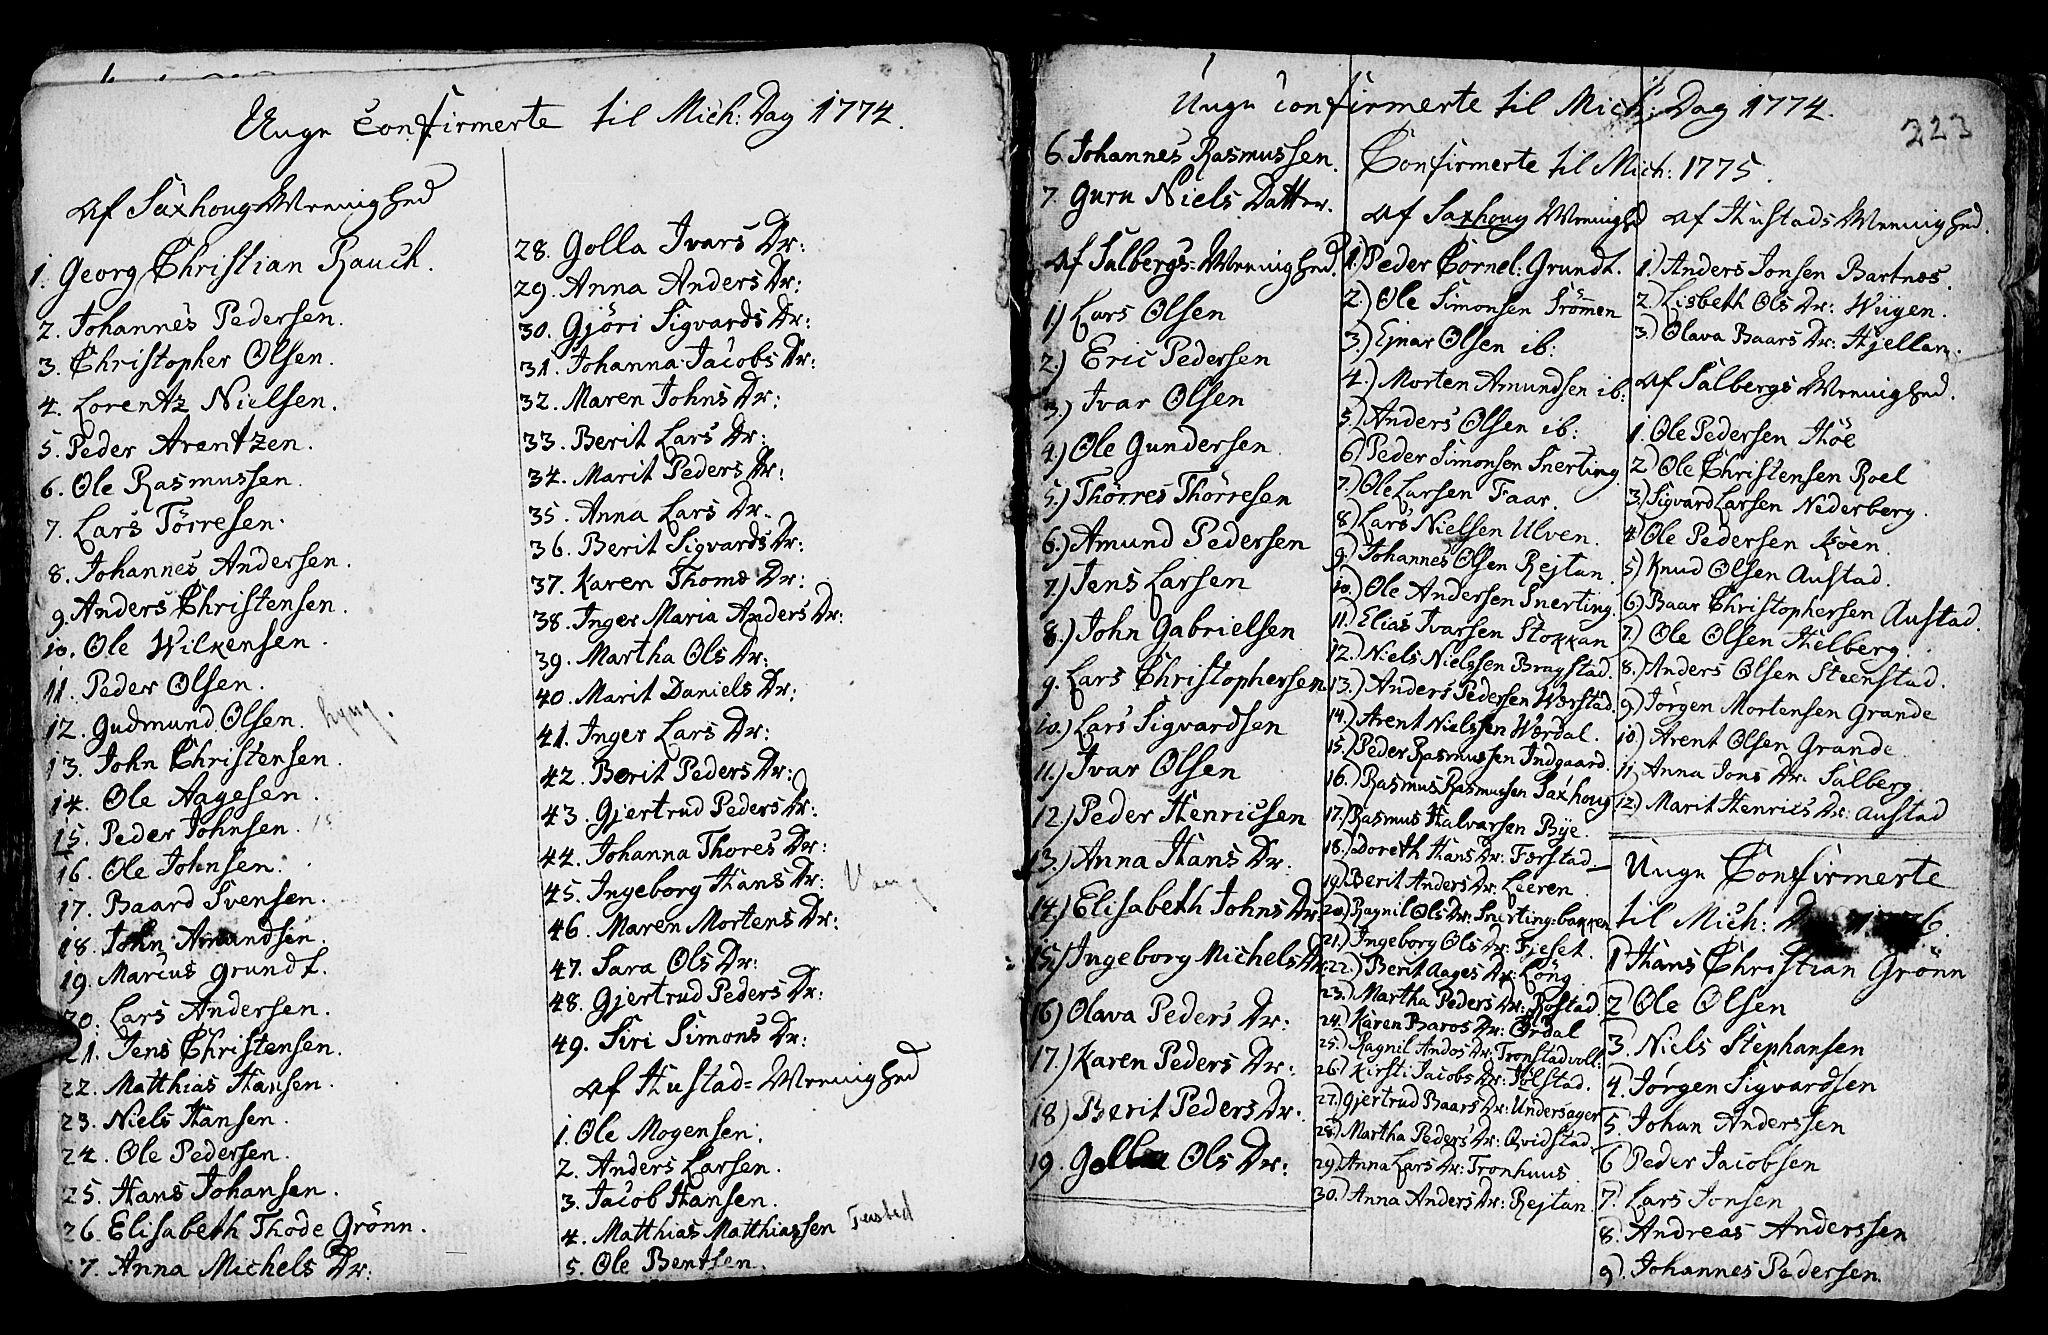 SAT, Ministerialprotokoller, klokkerbøker og fødselsregistre - Nord-Trøndelag, 730/L0273: Ministerialbok nr. 730A02, 1762-1802, s. 223